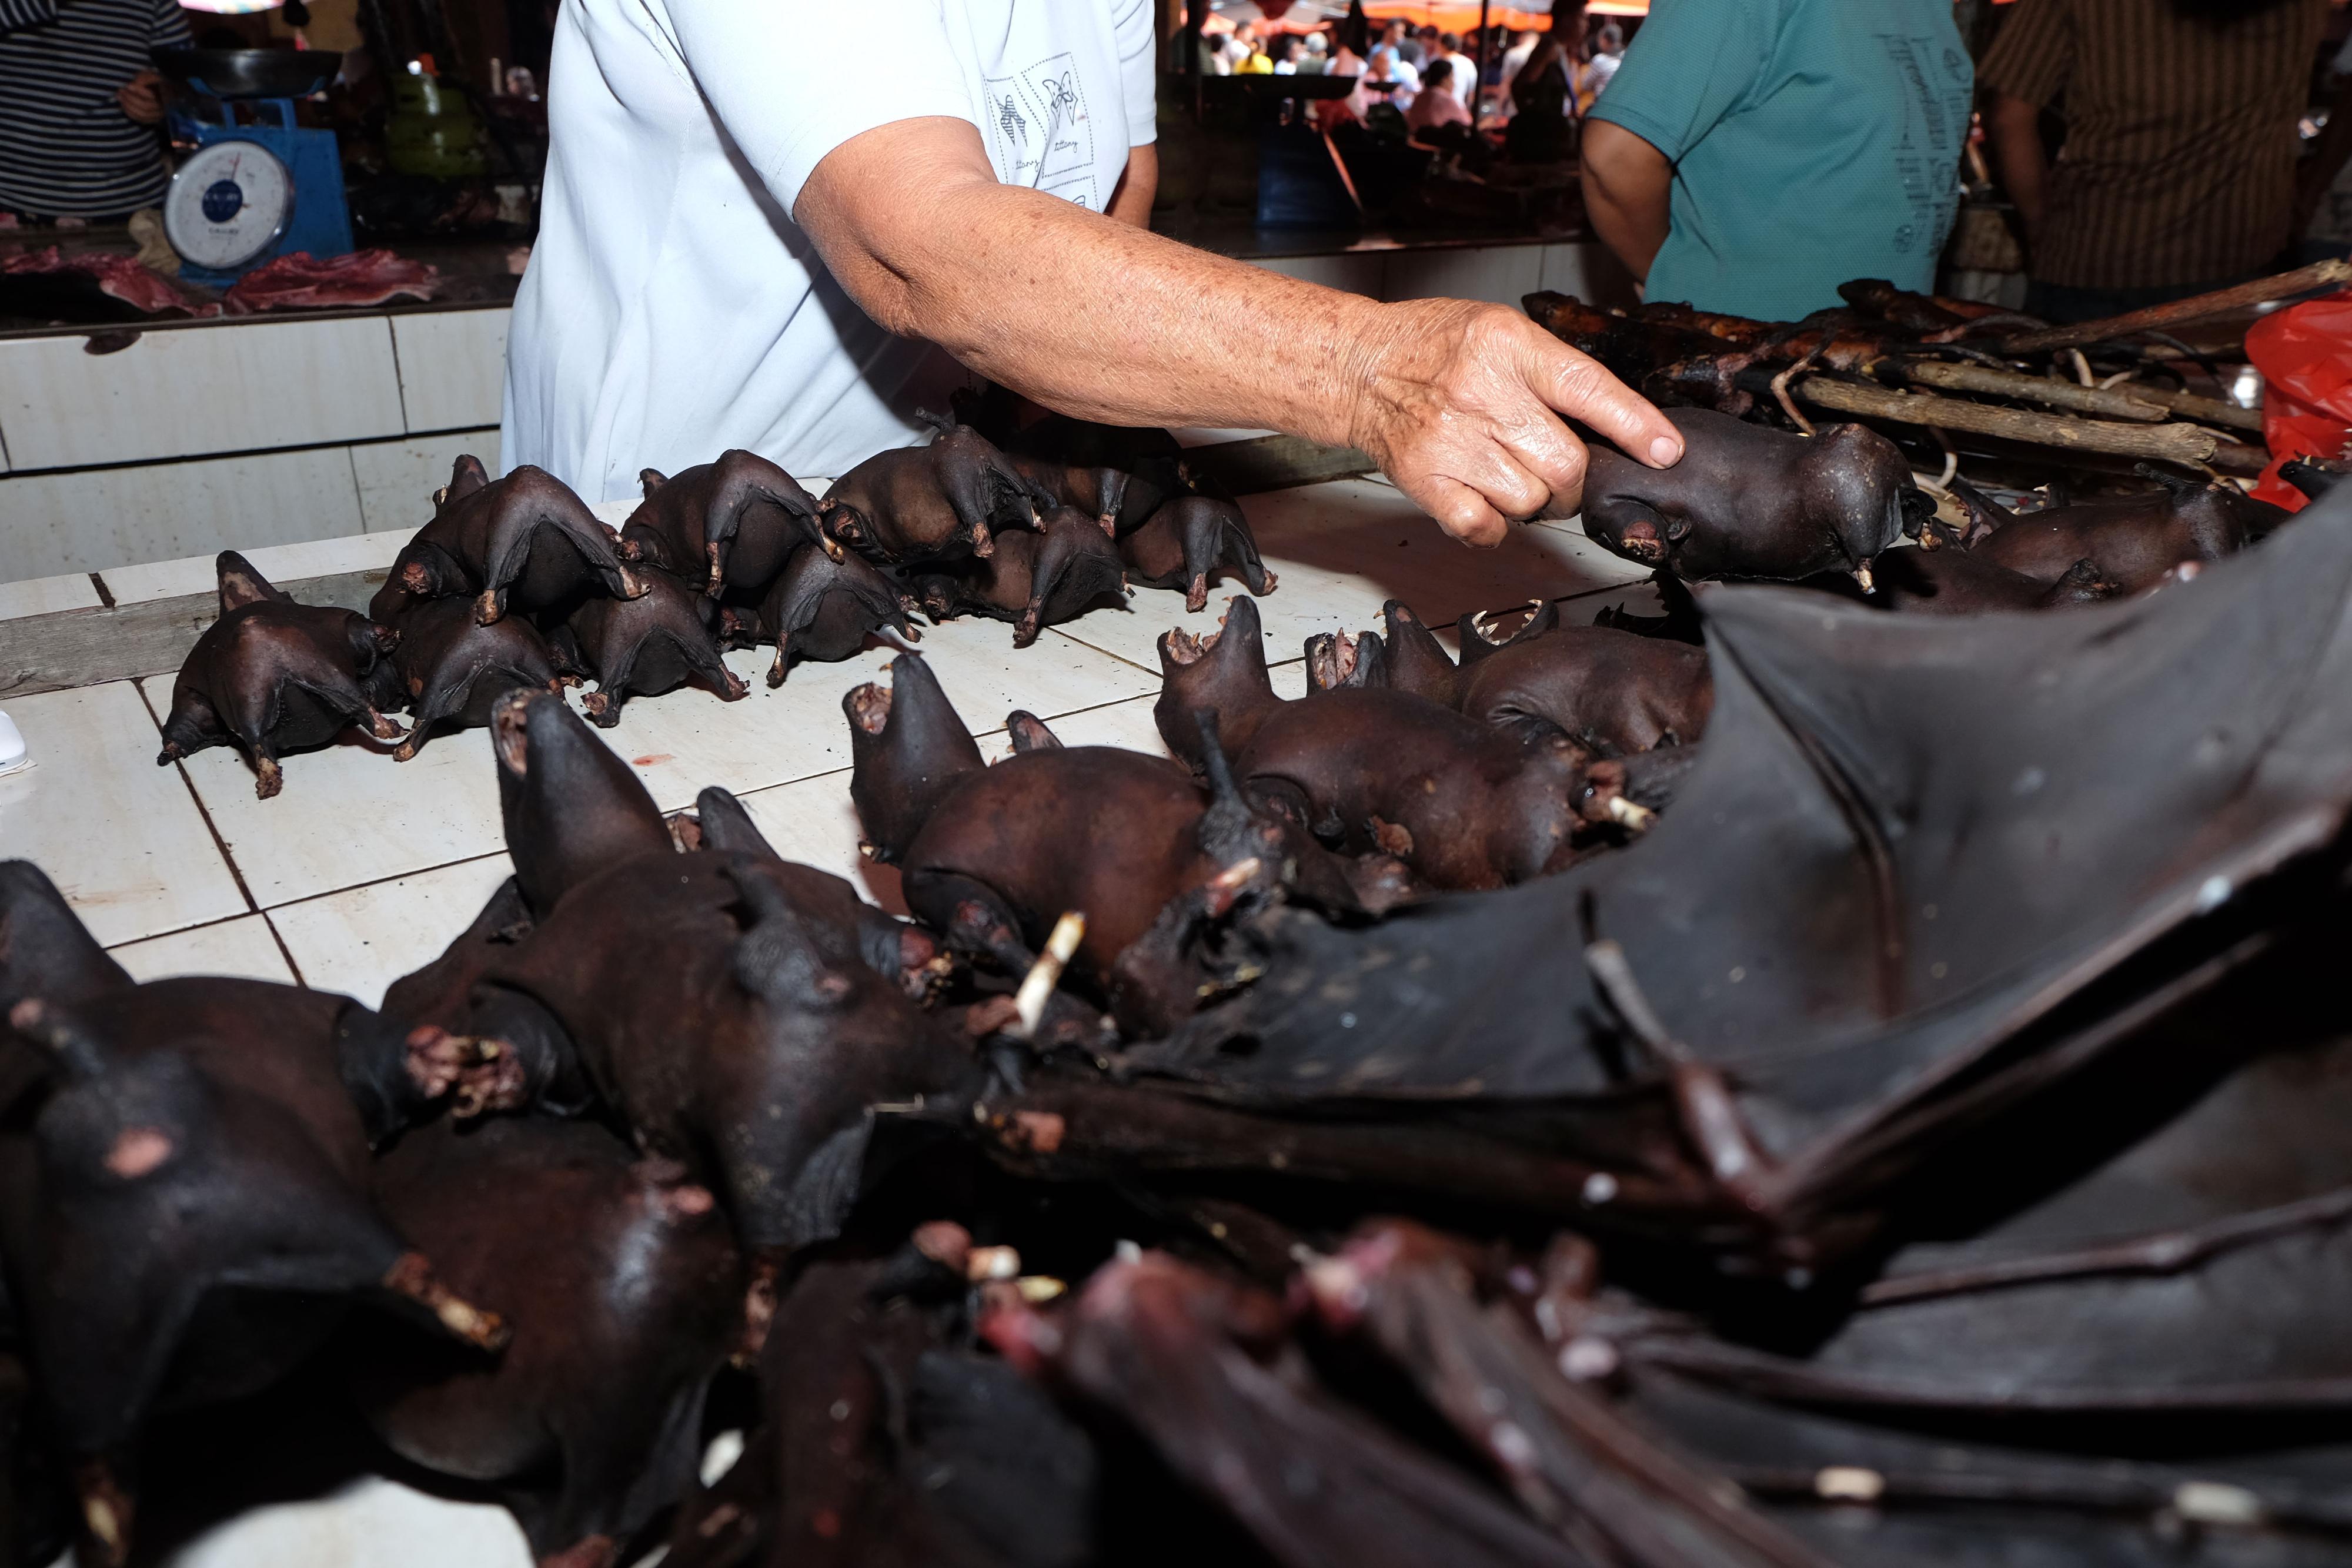 فيروسات الخفافيش تقفز إلى البشر من خلال وسيط الحيواني